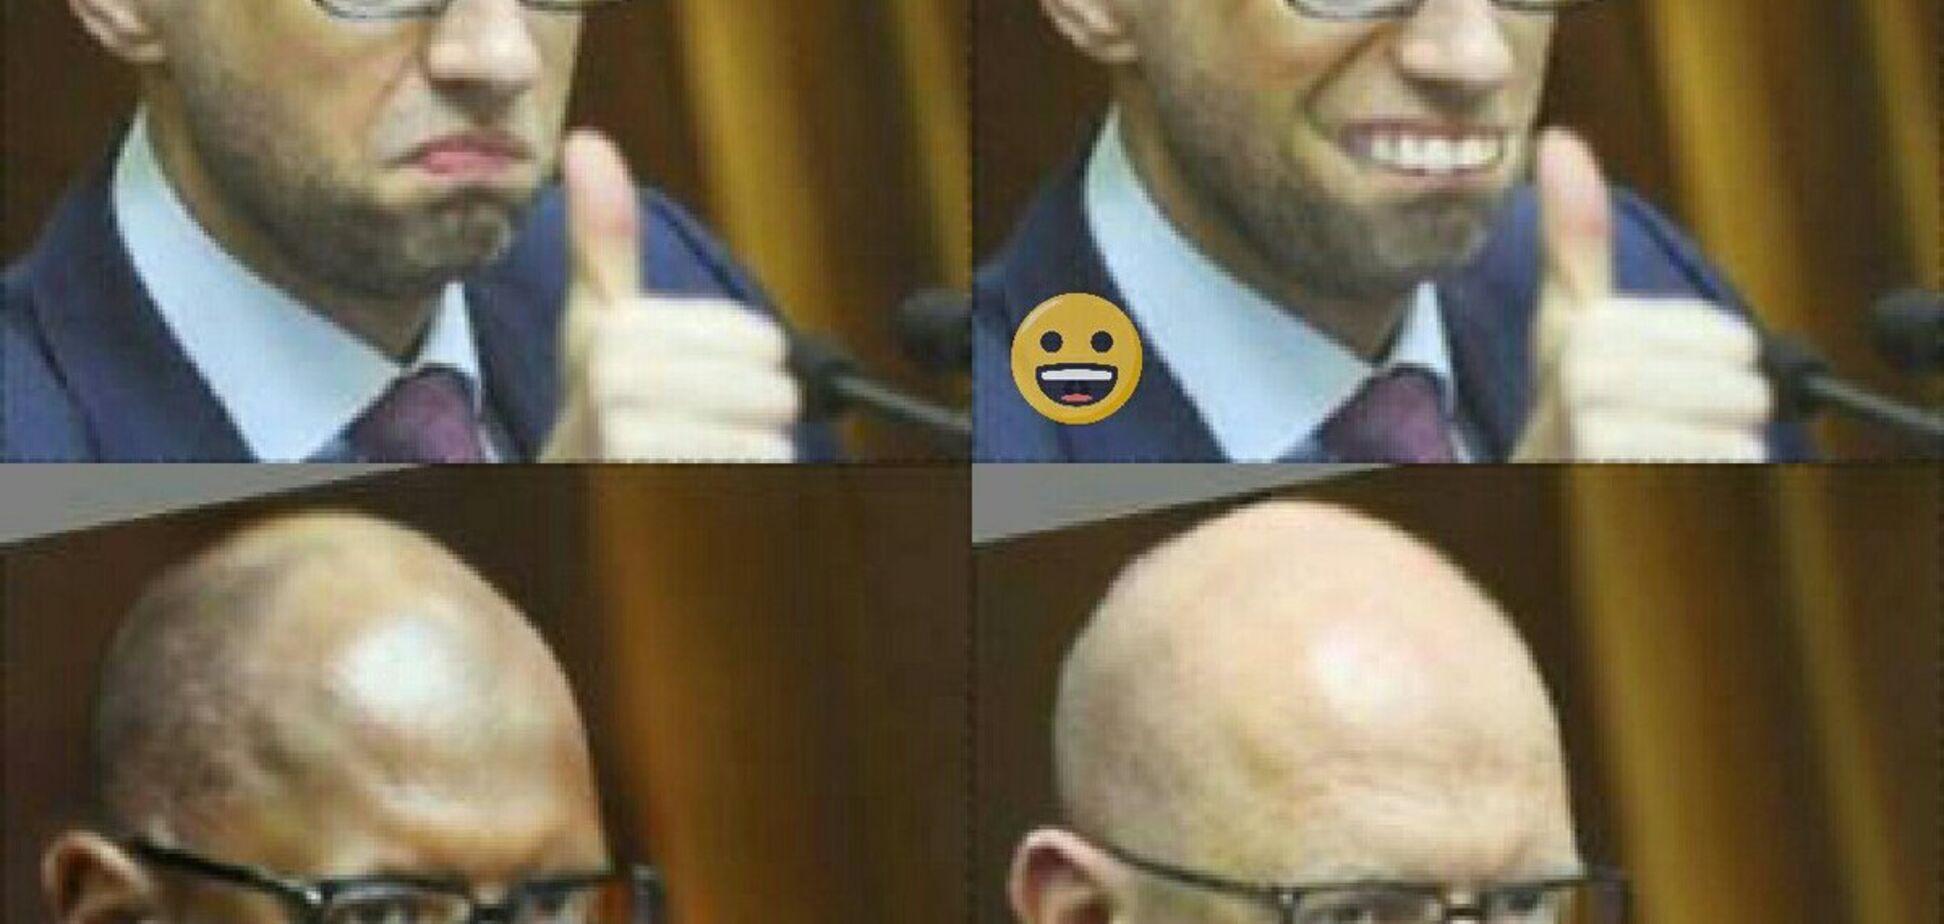 Черный, белый, азиат: украинским топ-политикам 'сменили' цвет кожи и это очень смешно